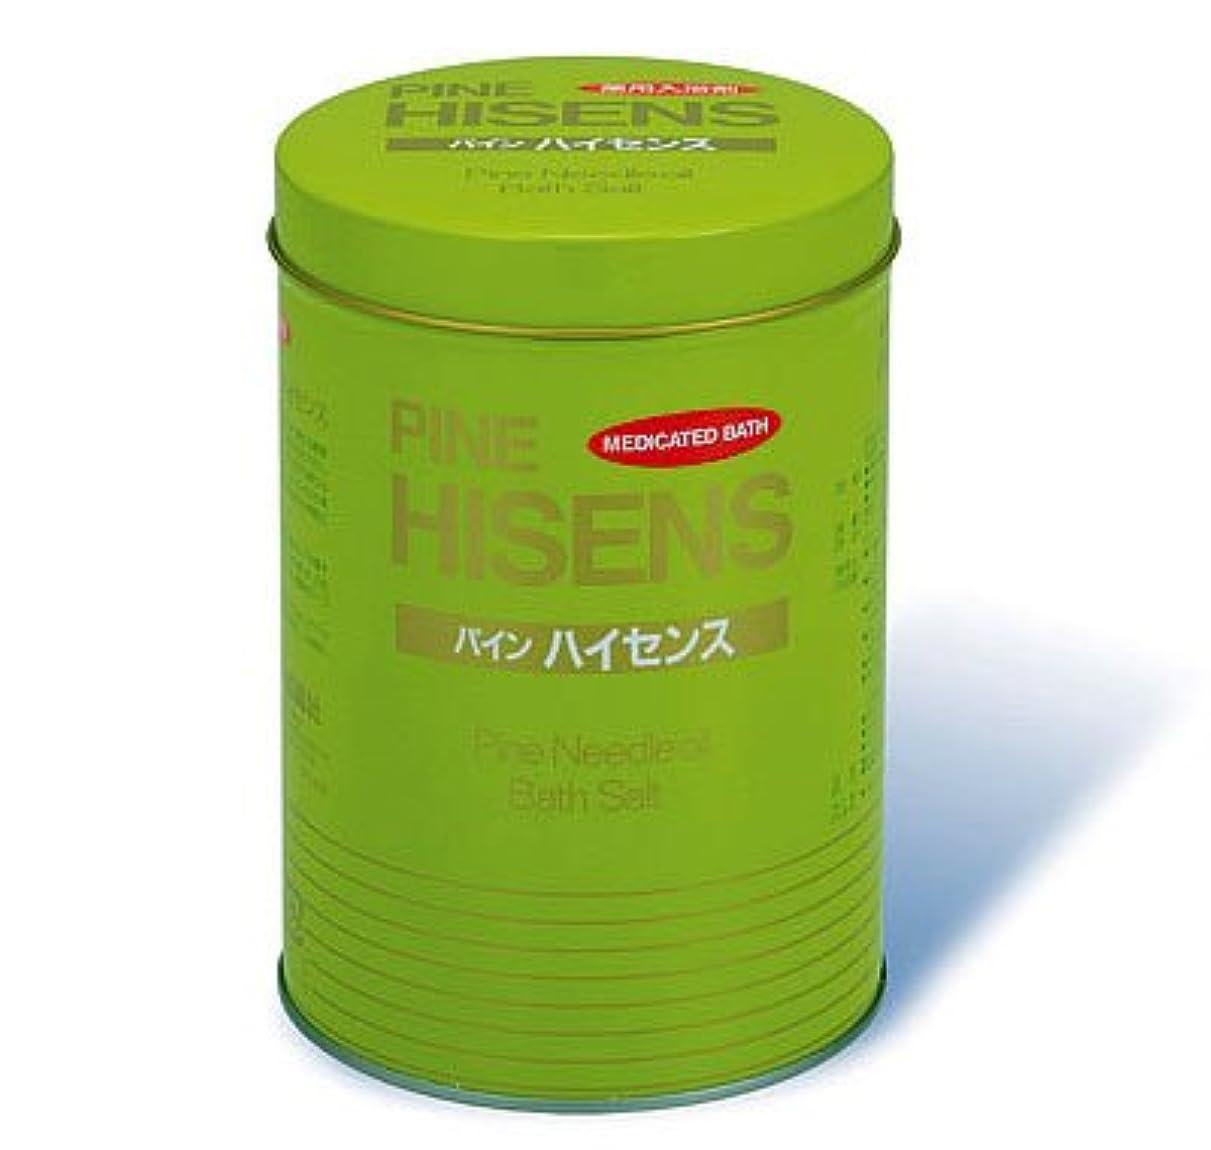 薄めるポンペイ辞任する高陽社 薬用入浴剤 パインハイセンス 2.1kg 1缶